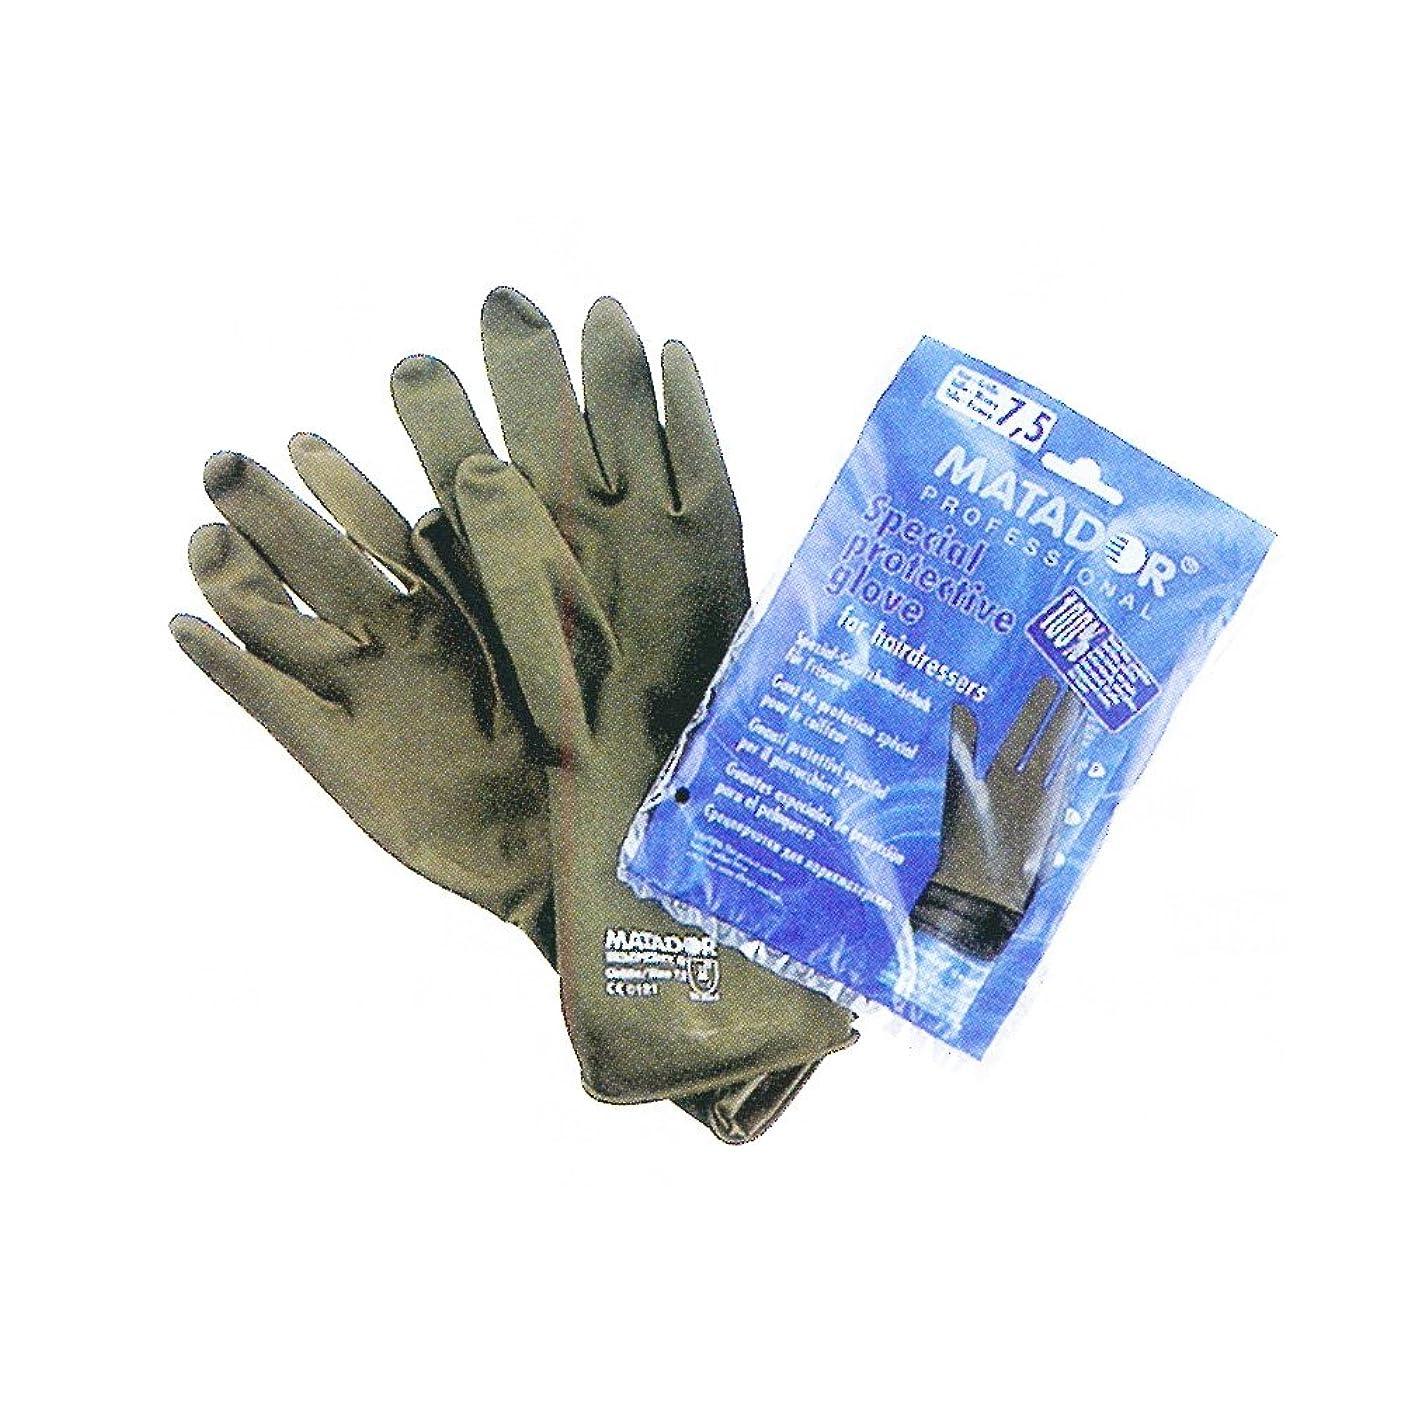 限りなく気質広くマタドールゴム手袋 7.5吋